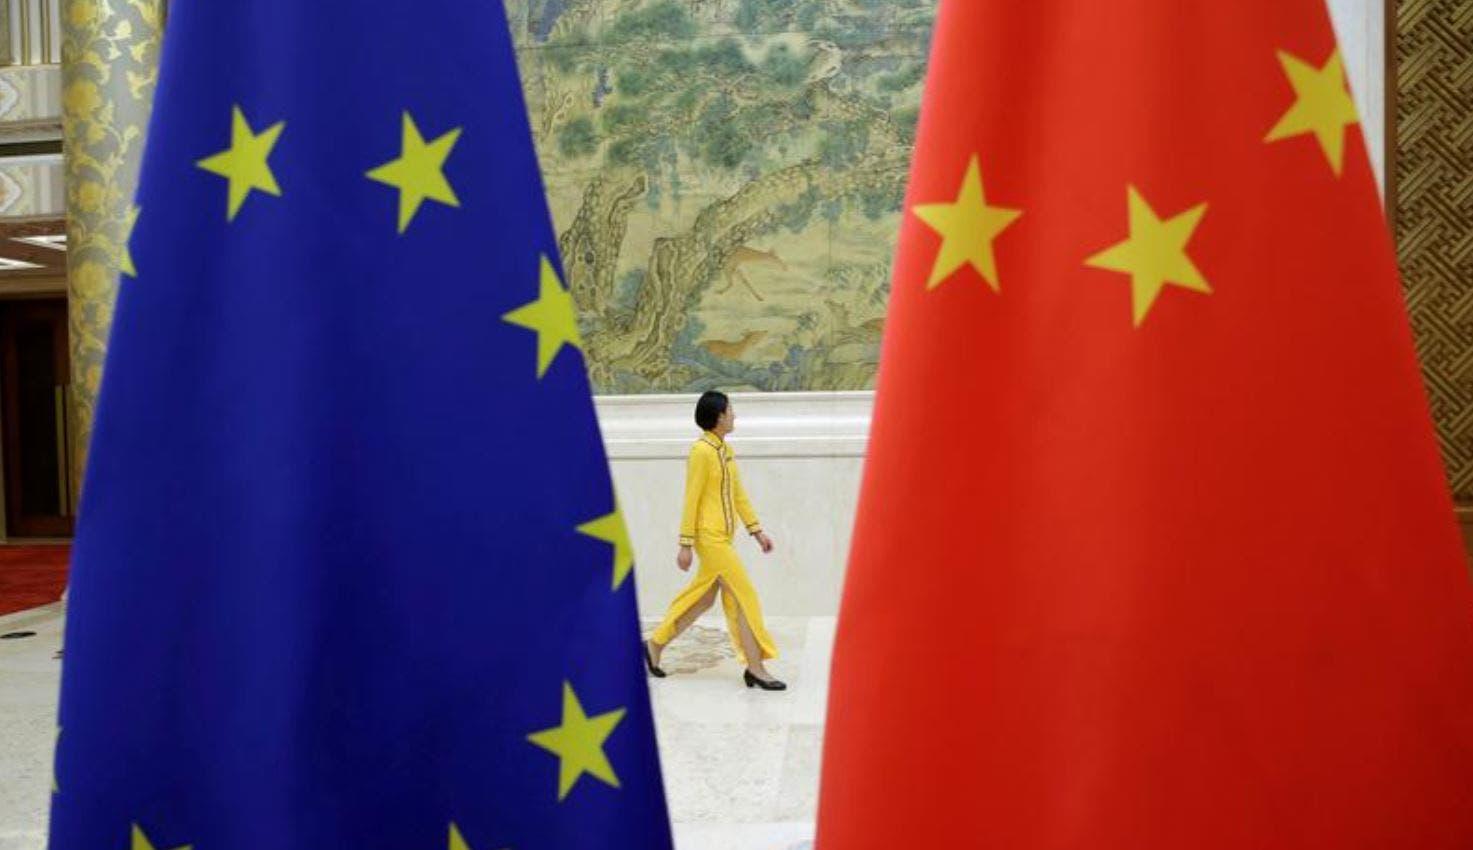 علما الصين وأوروبا